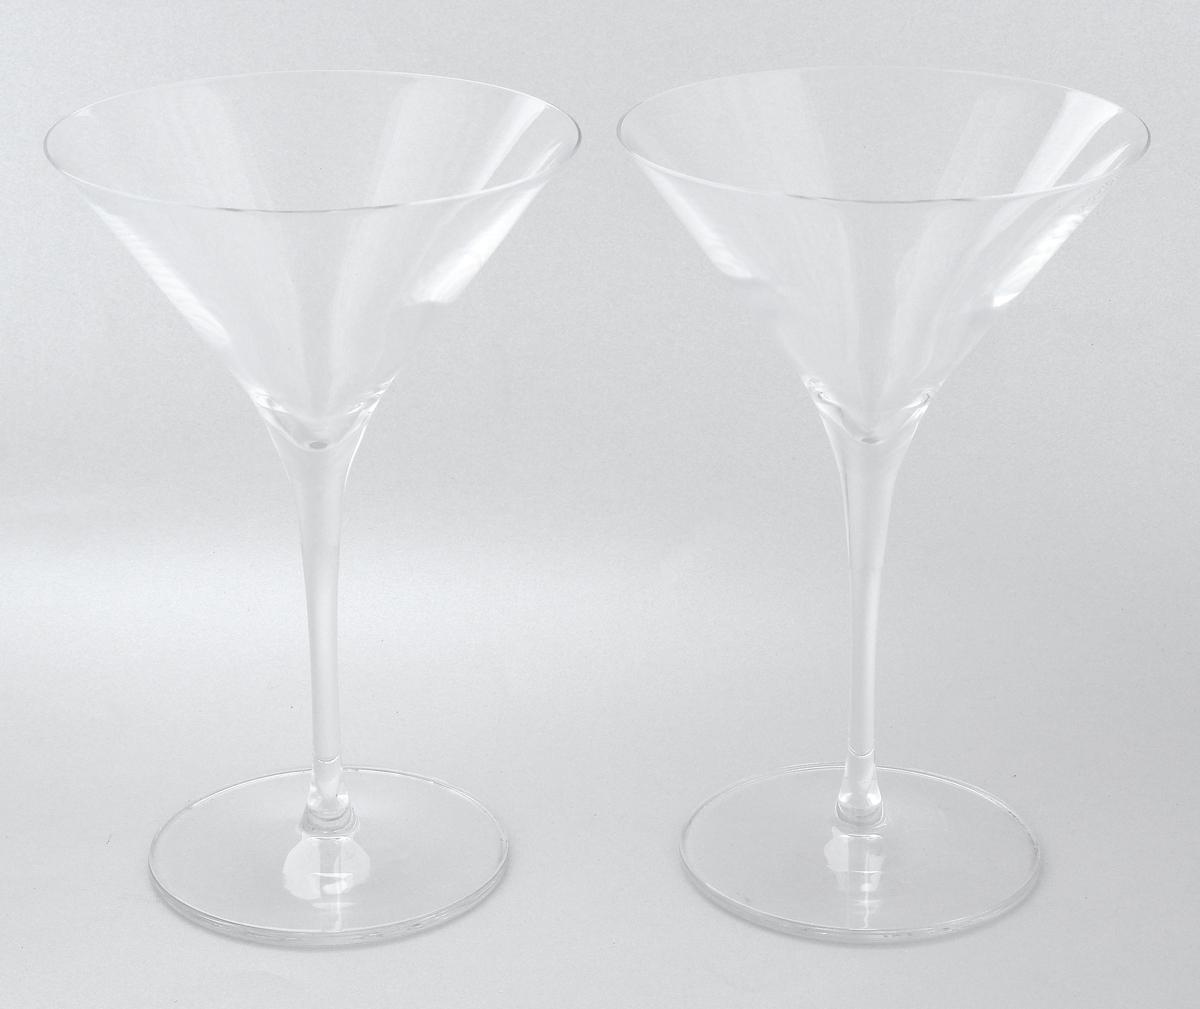 Набор бокалов Pasabahce Vintage, 290 мл, 2 шт66114NНабор Pasabahce Vintage состоит из двух бокалов, выполненных из прочного стекла. Изделия оснащены невысокими изящными ножками, отлично подходят для подачи коктейлей, мартини и других напитков. Бокалы сочетают в себе элегантный дизайн и функциональность. Набор бокалов Pasabahce Vintage прекрасно оформит праздничный стол и создаст приятную атмосферу за ужином. Такой набор также станет хорошим подарком к любому случаю. Можно мыть в посудомоечной машине.Диаметр бокала по верхнему краю: 12 см. Высота бокала: 18,5 см.